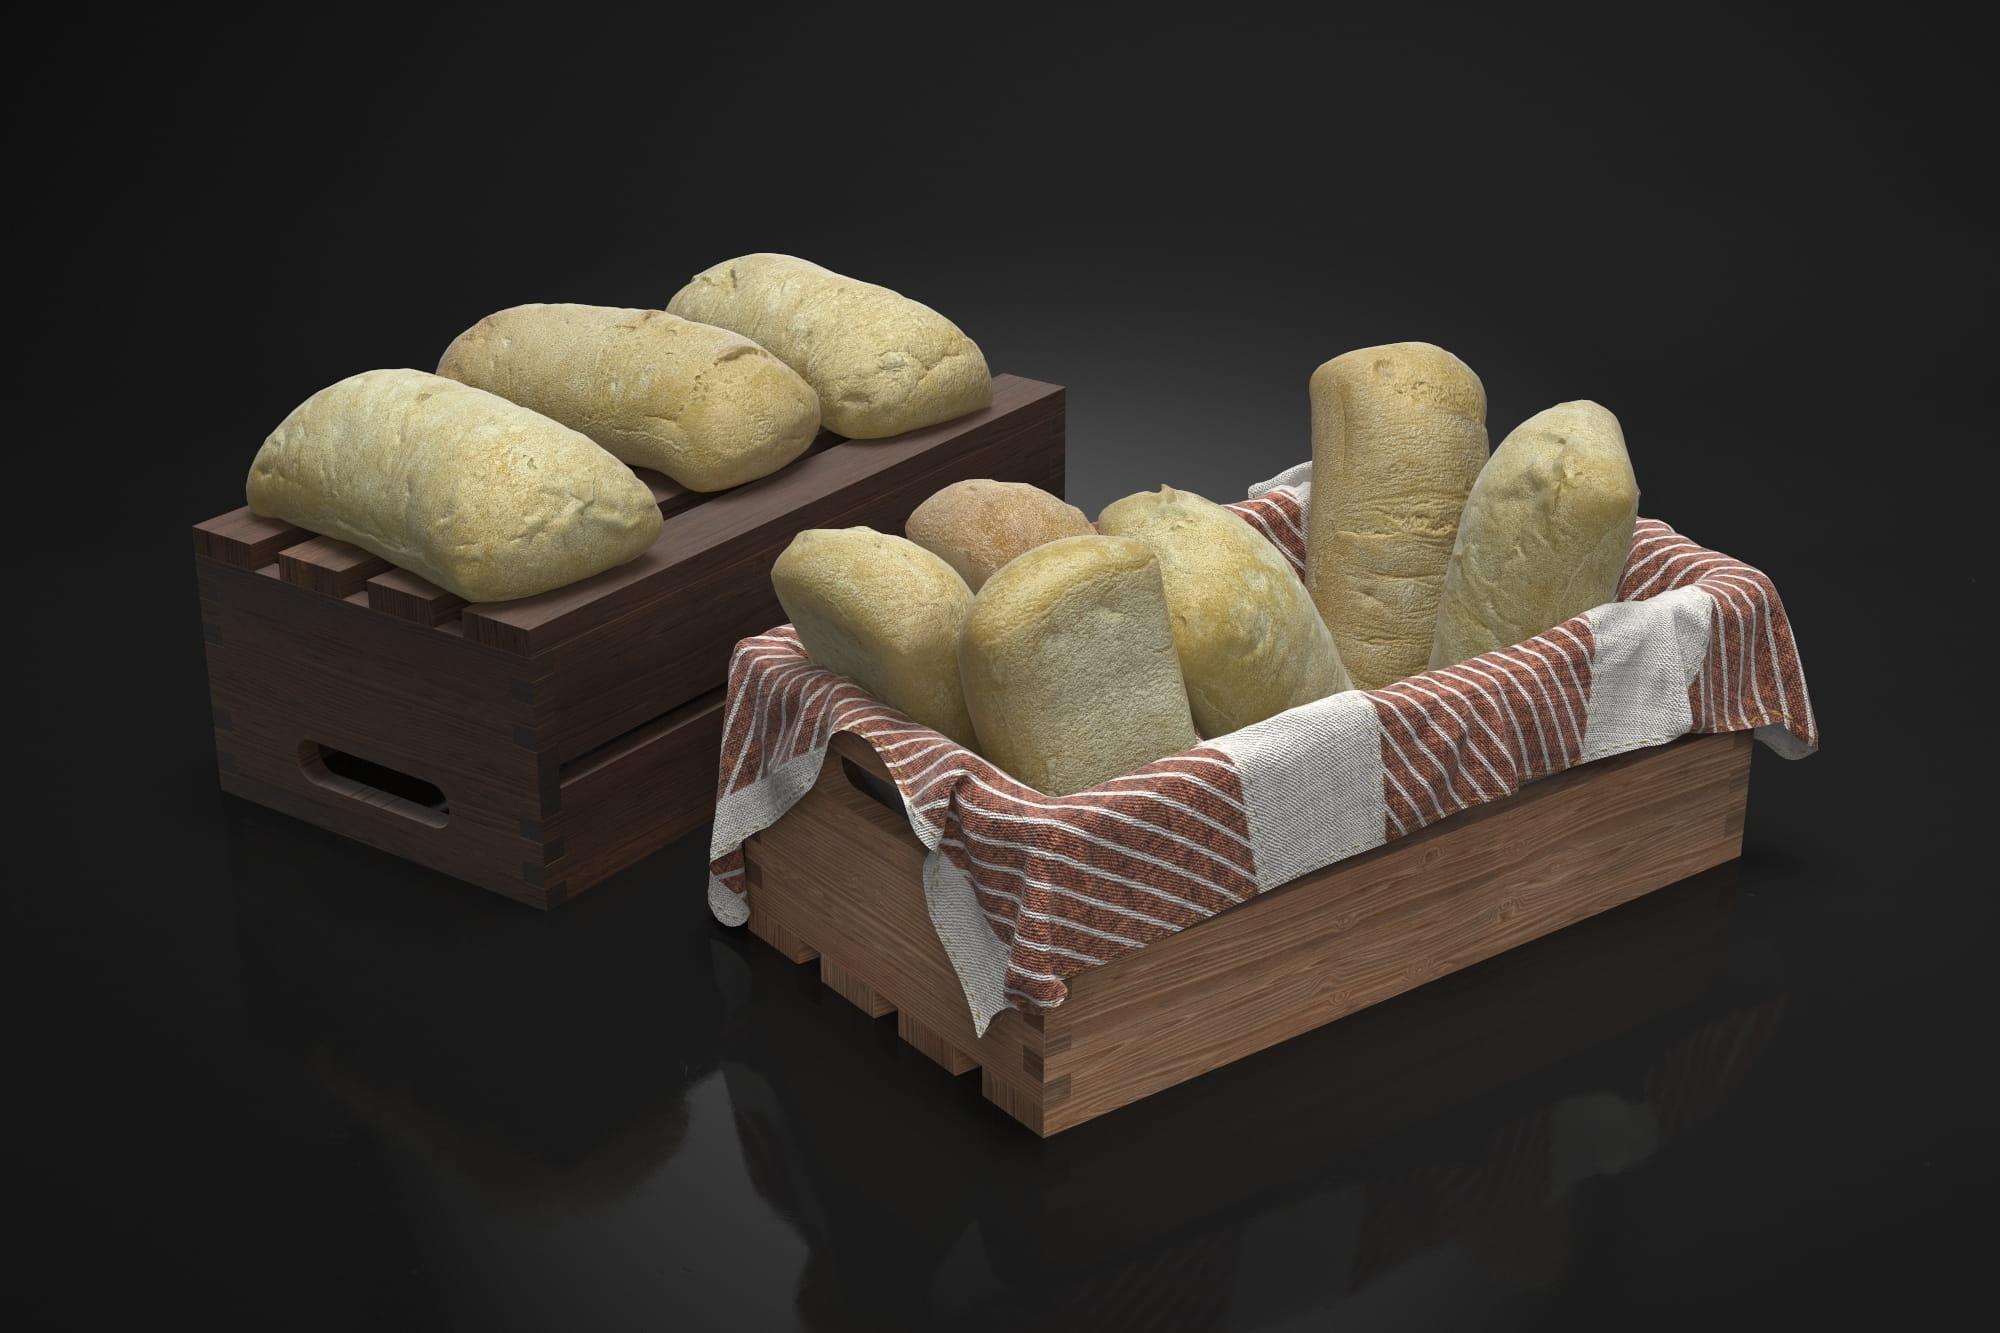 Bread 9 AM224 Archmodels